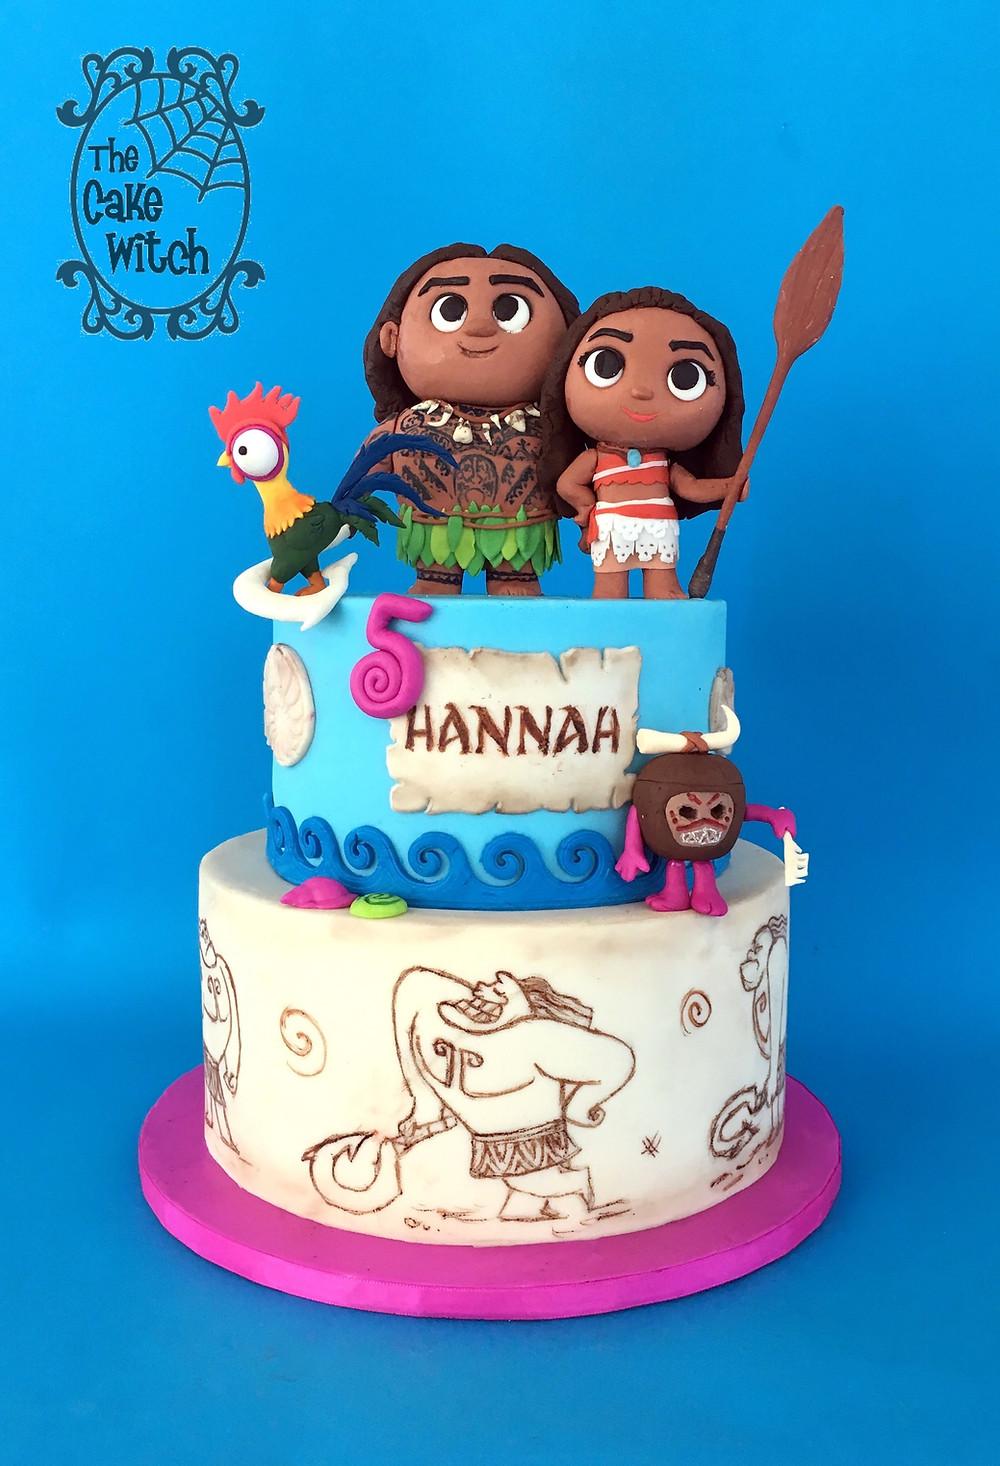 fiesta de vaiana, pasteles originales para fiestas, moana cake, fiesta de princesas, pasteles para cumpleaños, tarta de moana